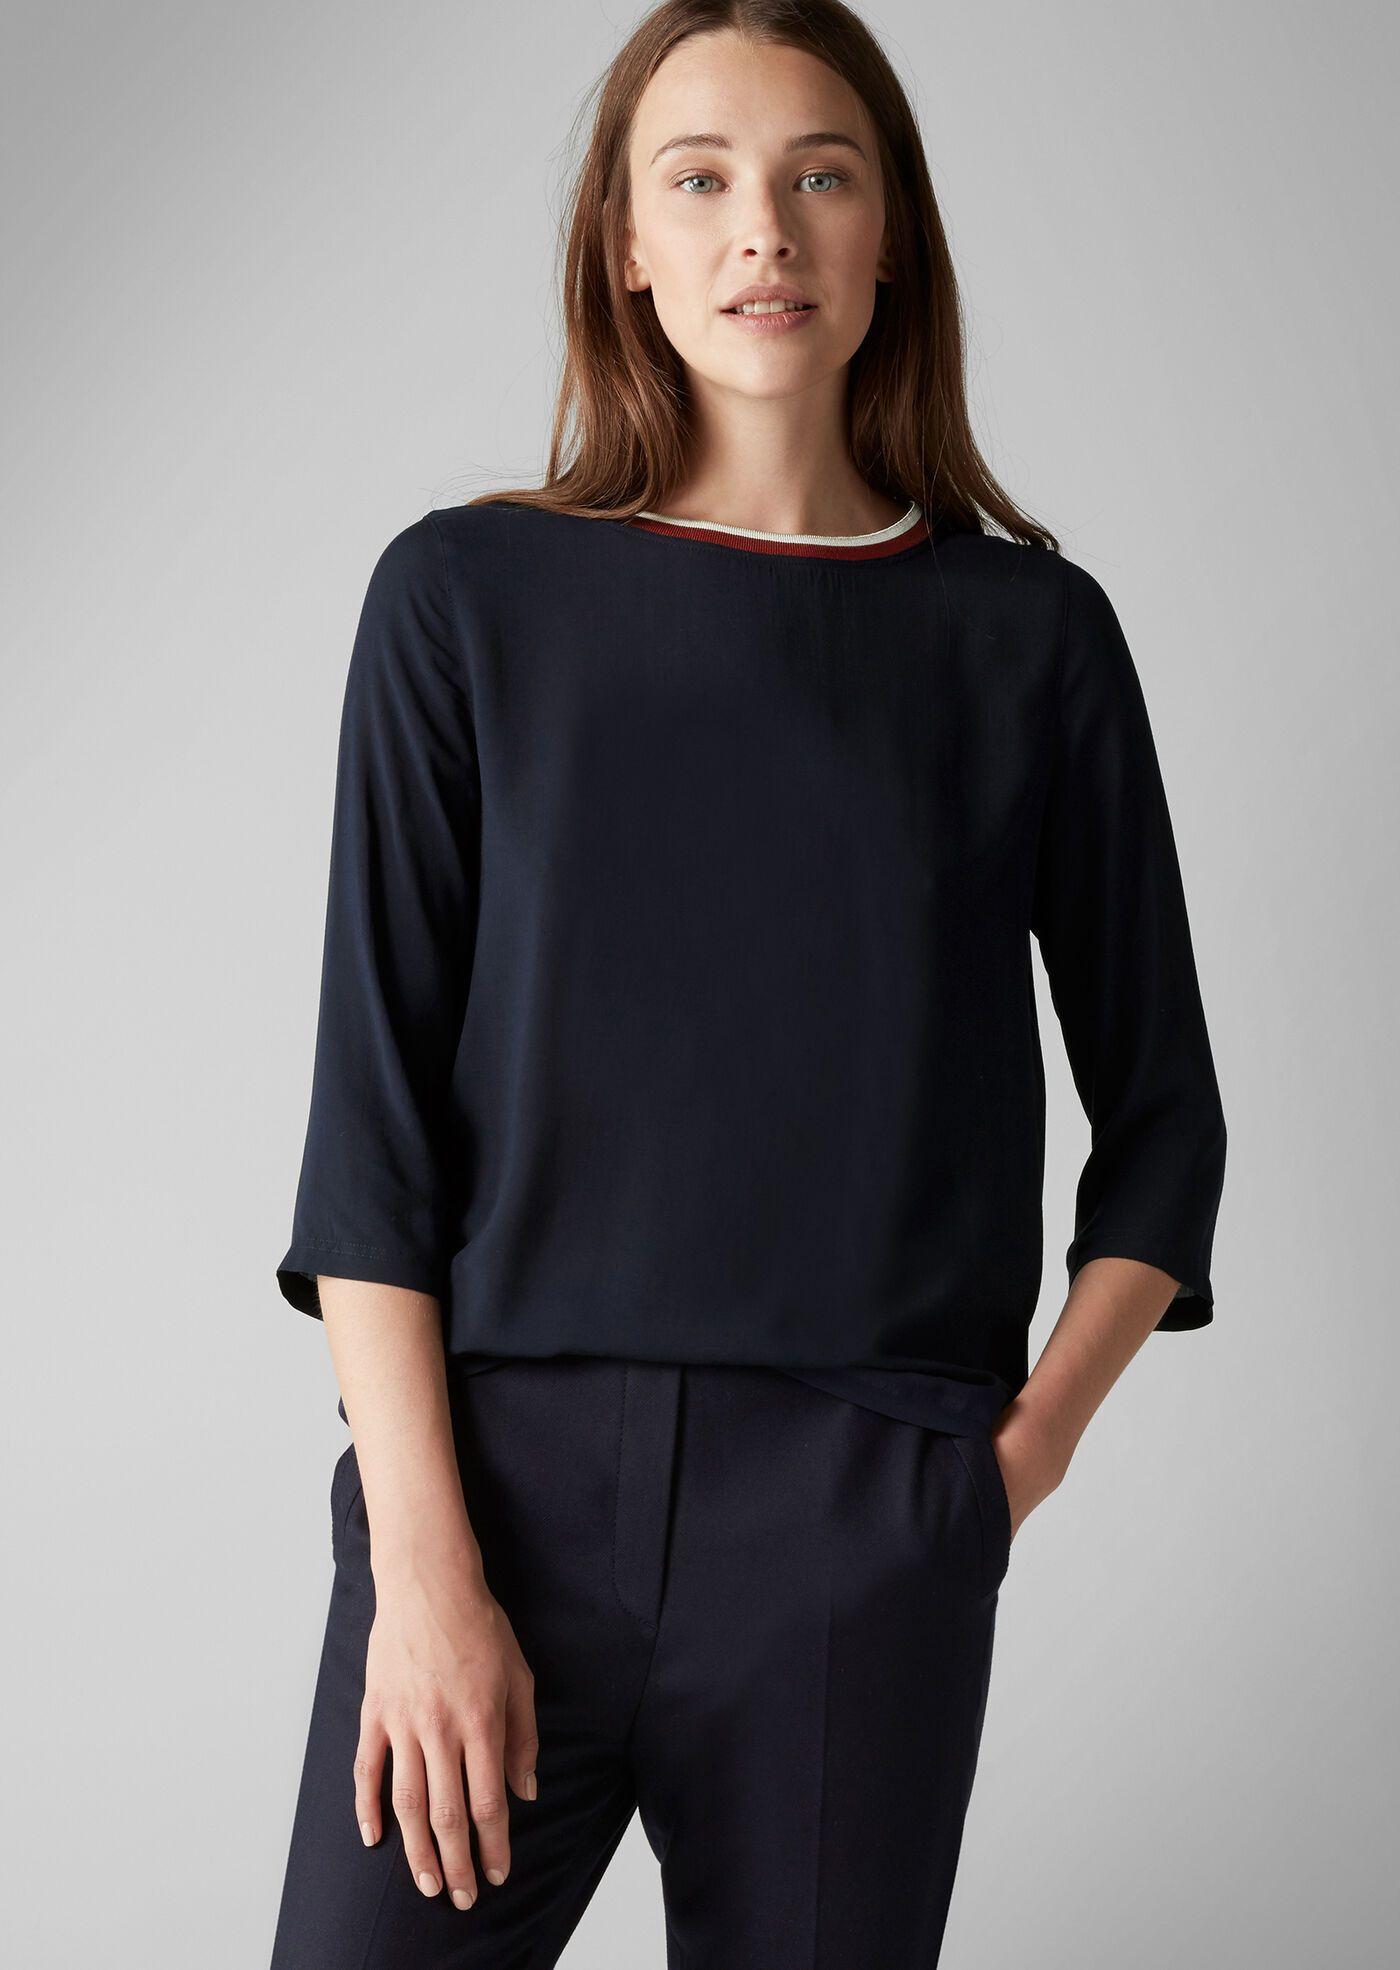 Блуза женские MARC O'POLO модель PF3504 купить, 2017